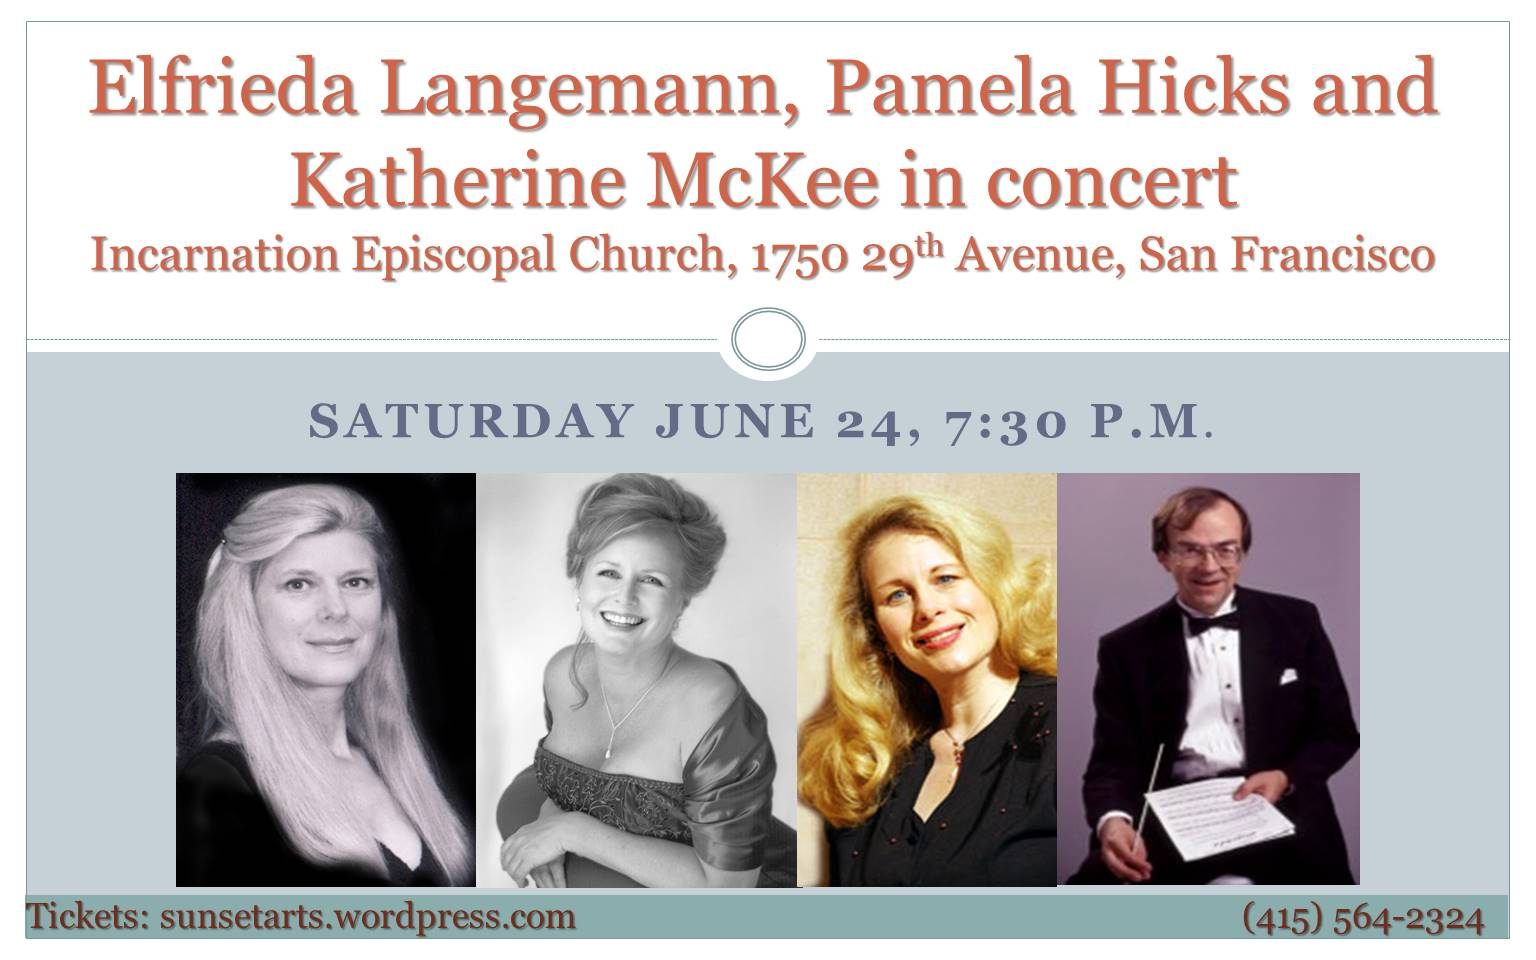 June 24 concert